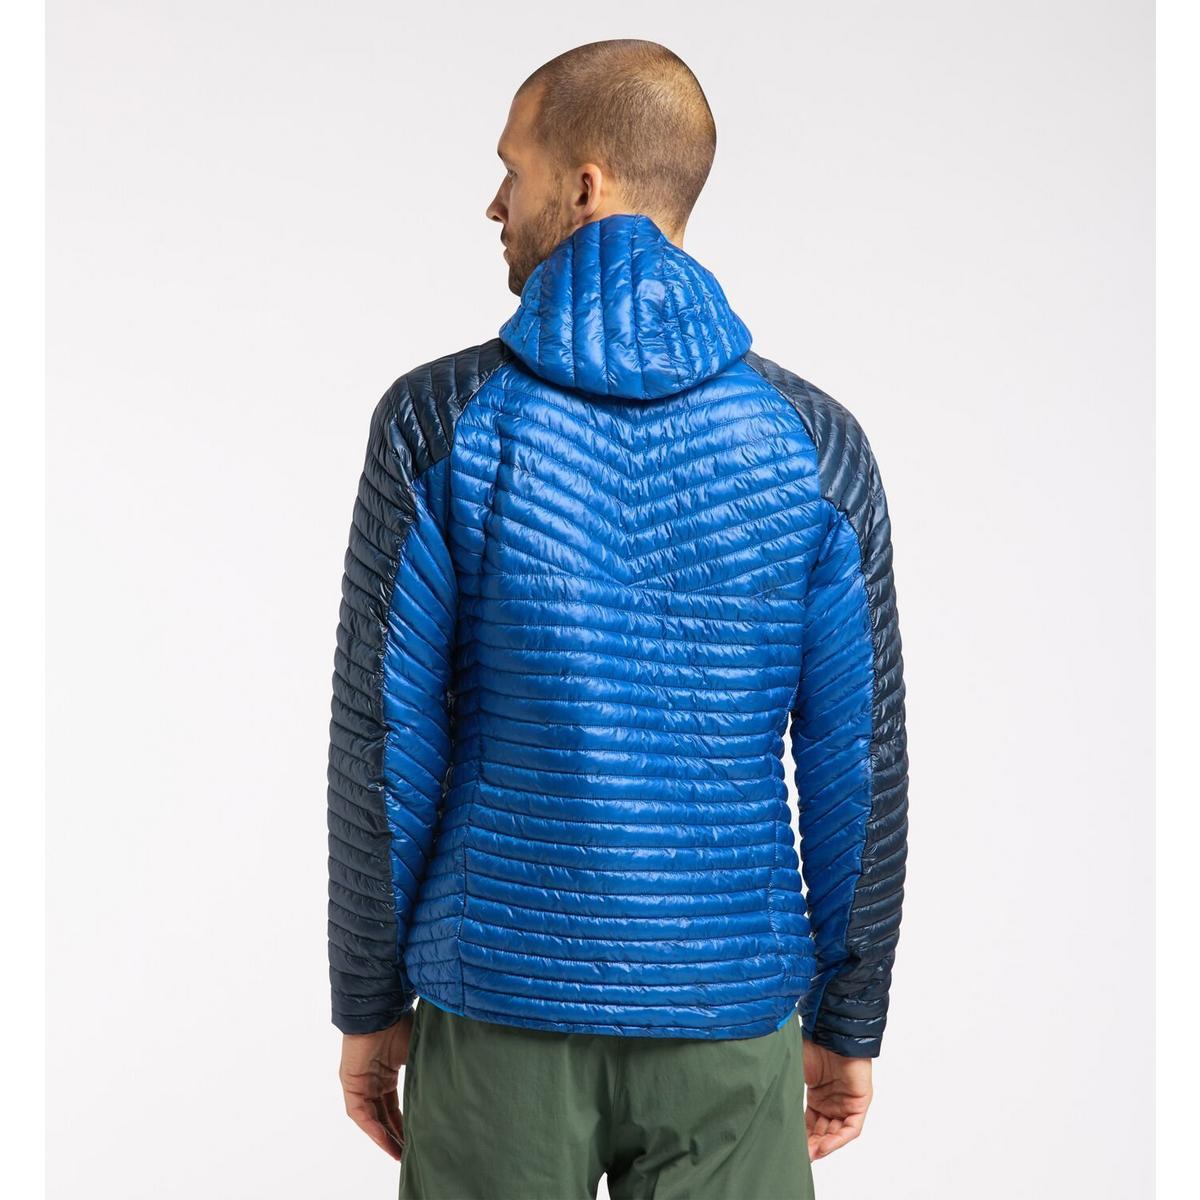 Haglofs Men's LIM Mimic Hood Jacket - Storm Blue